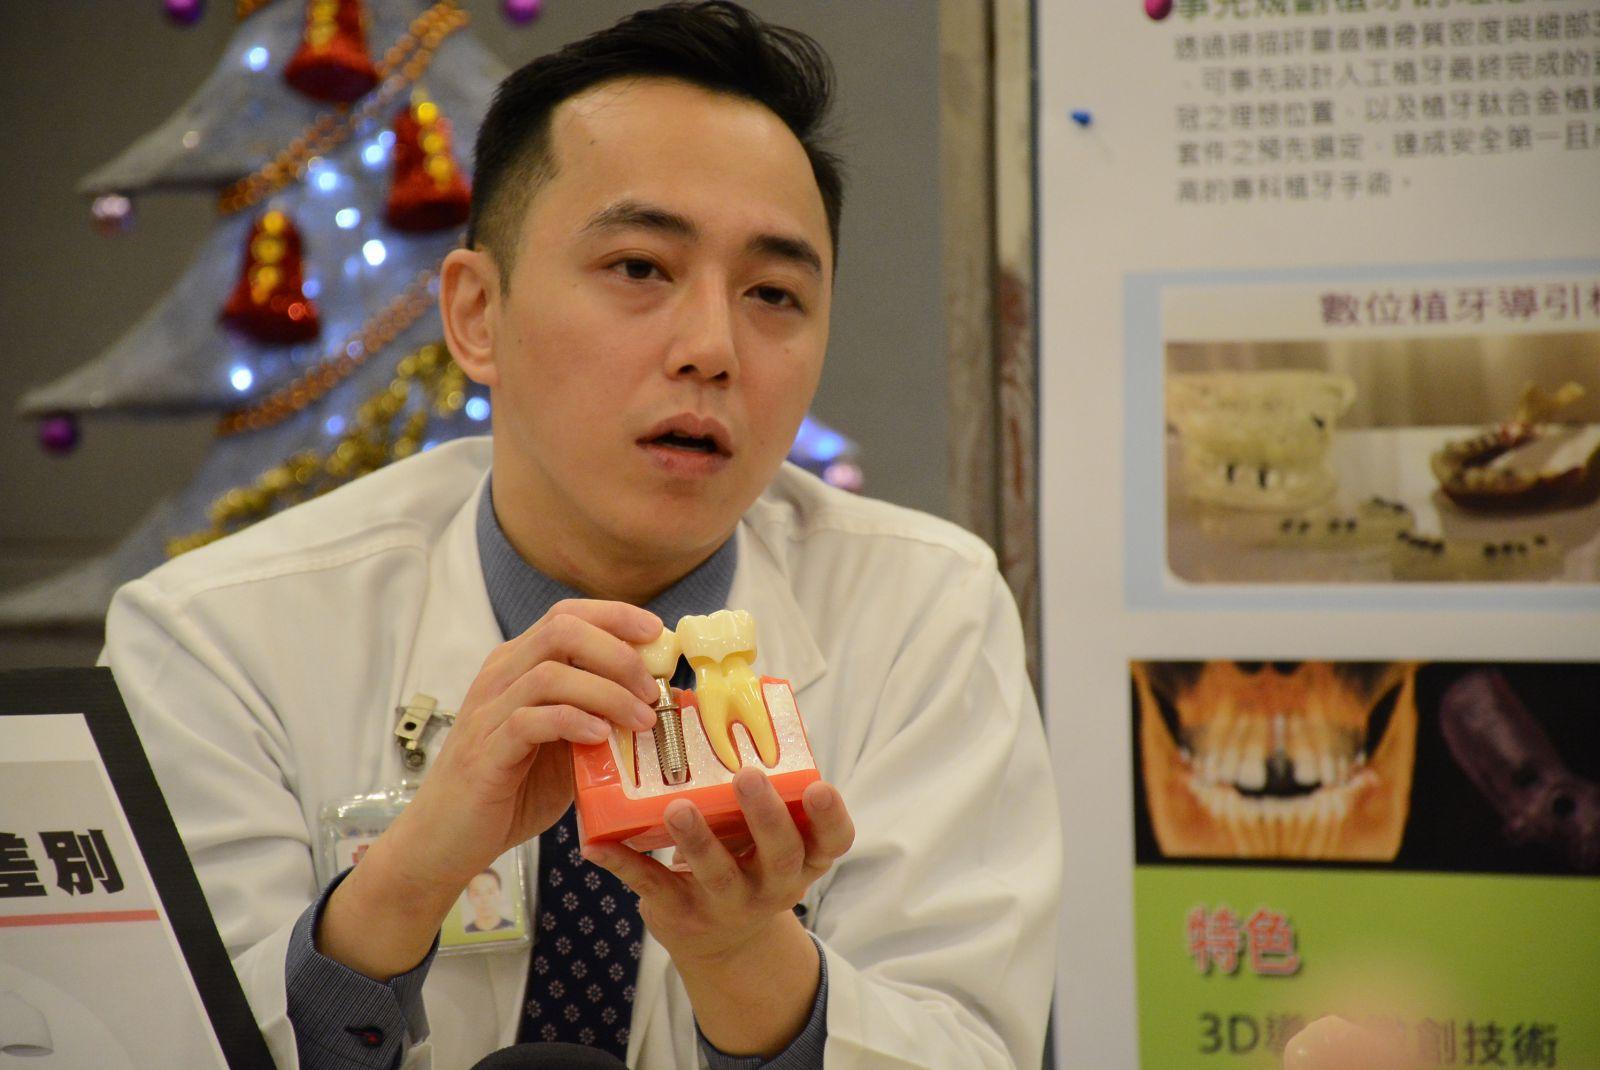 上圖:臺東馬偕分院口腔顎面外科張哲綸醫師